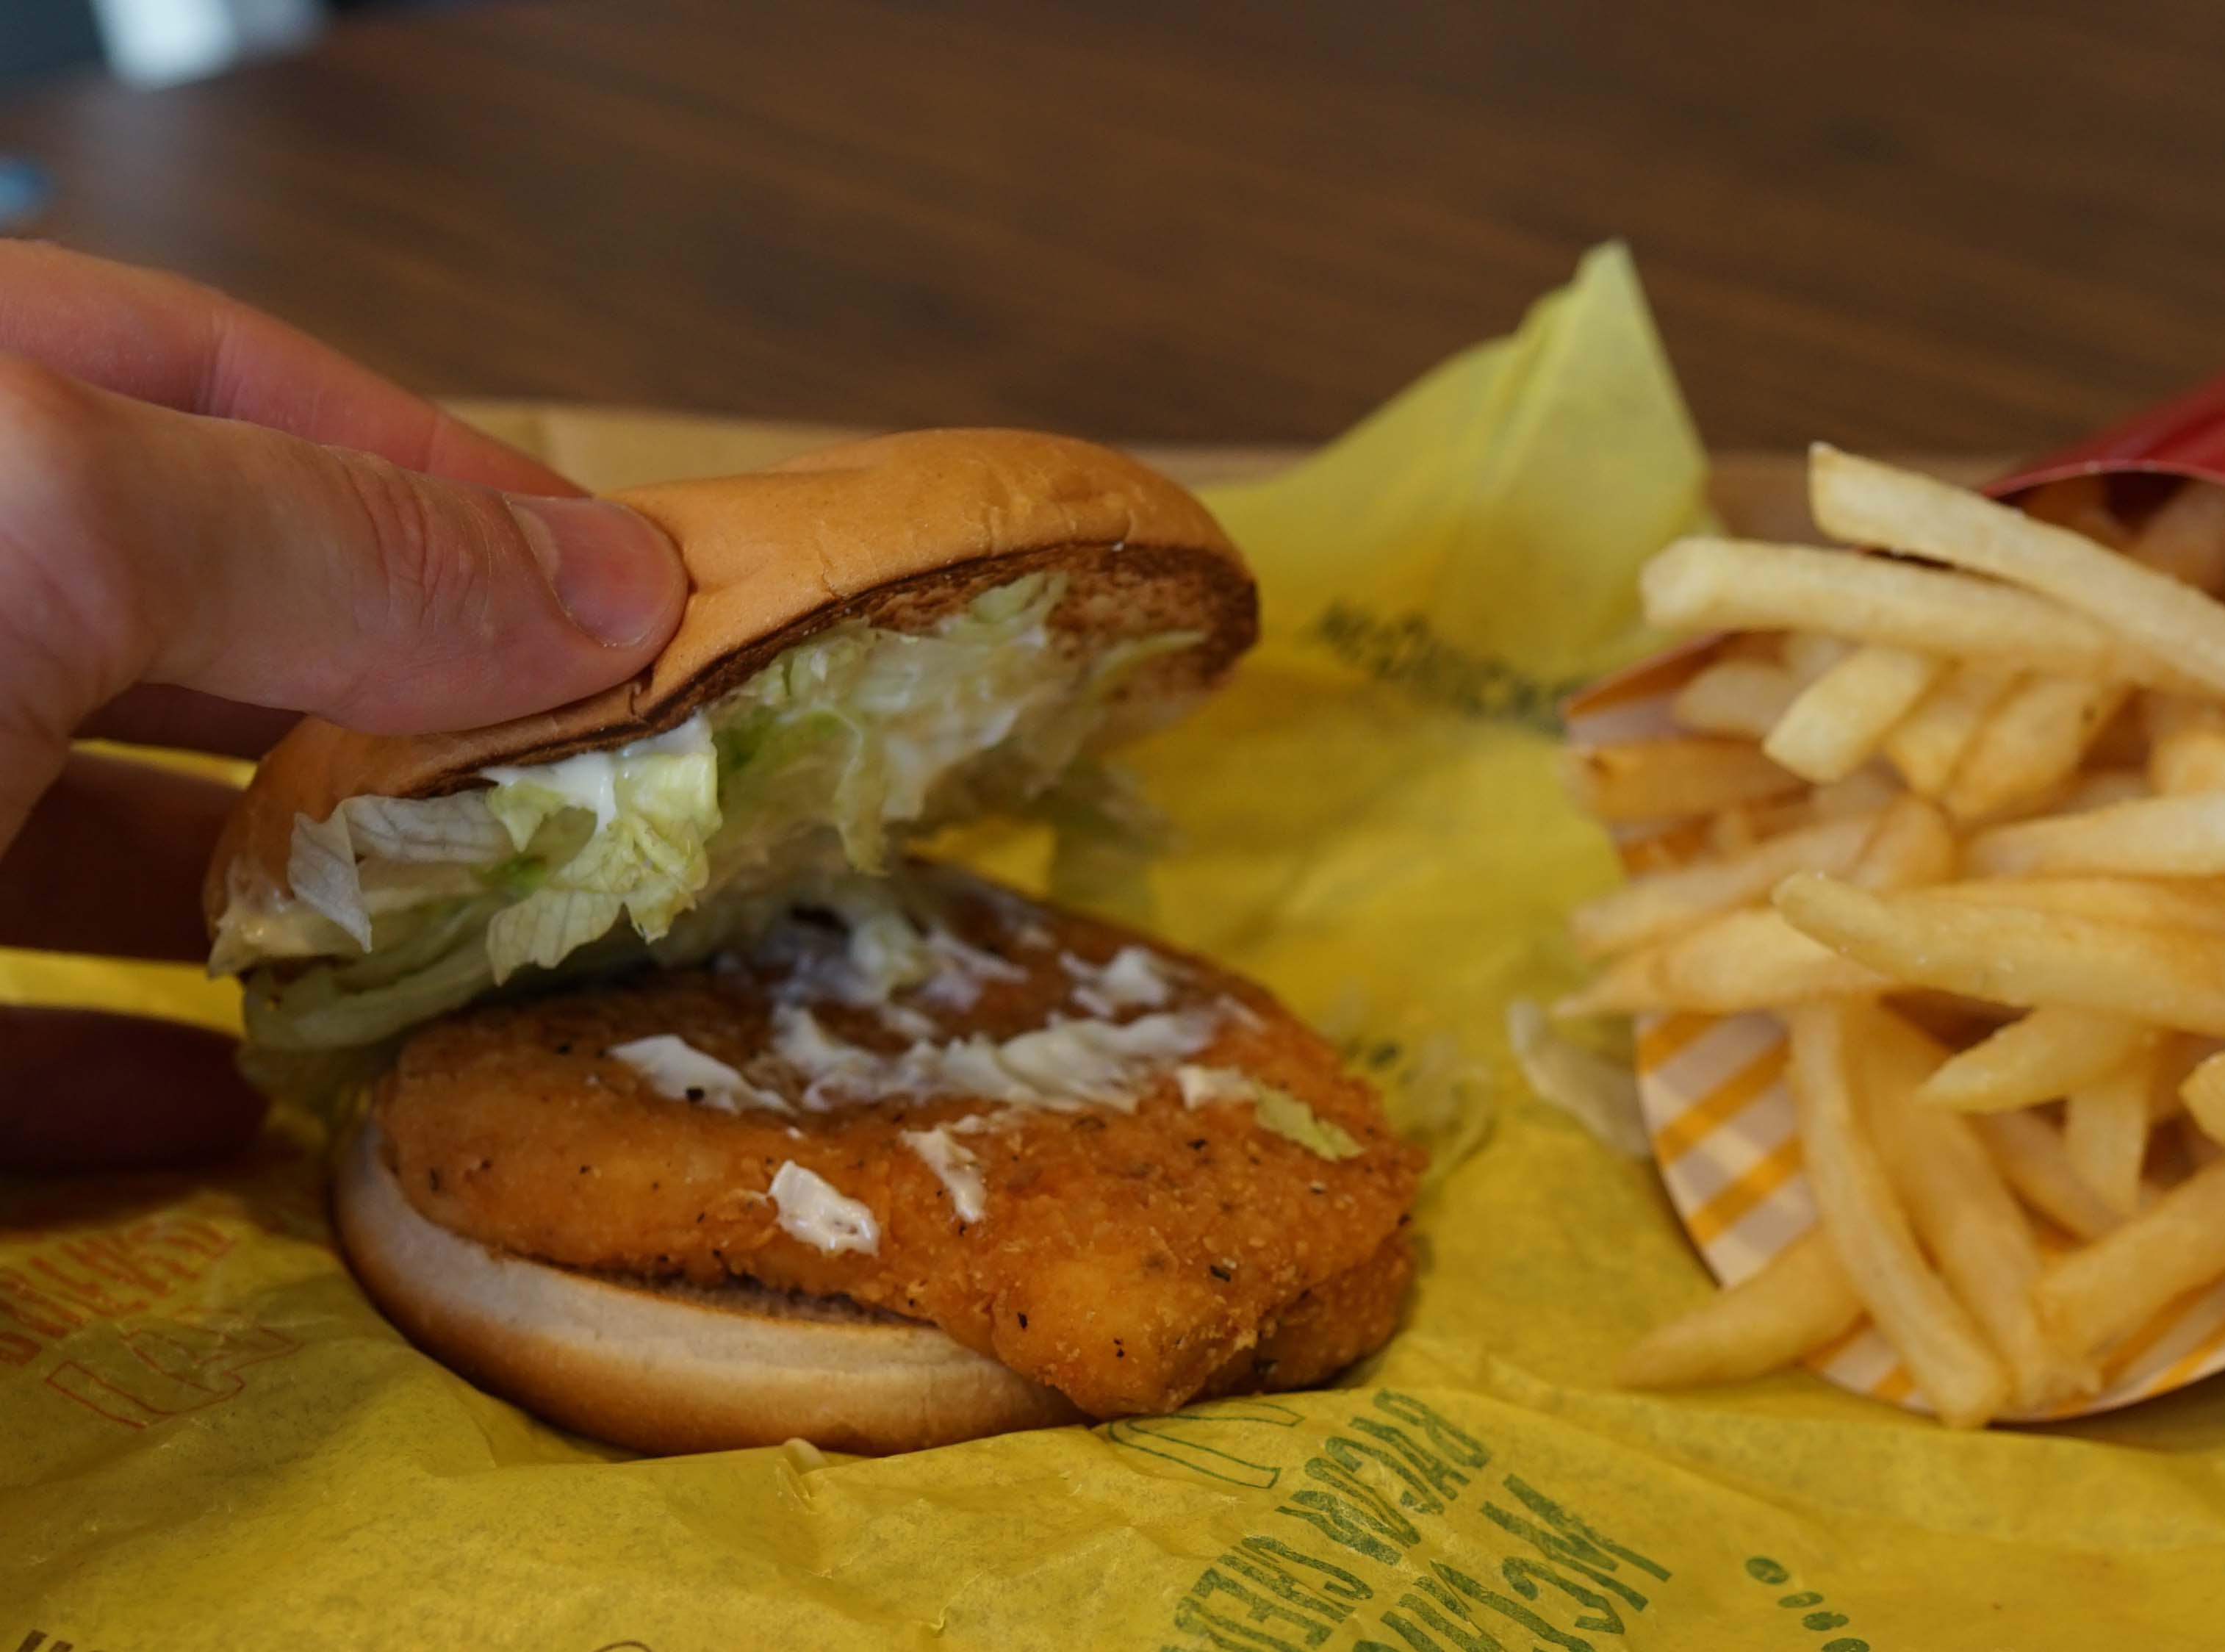 McDonalds chicken sandwich bun lifted